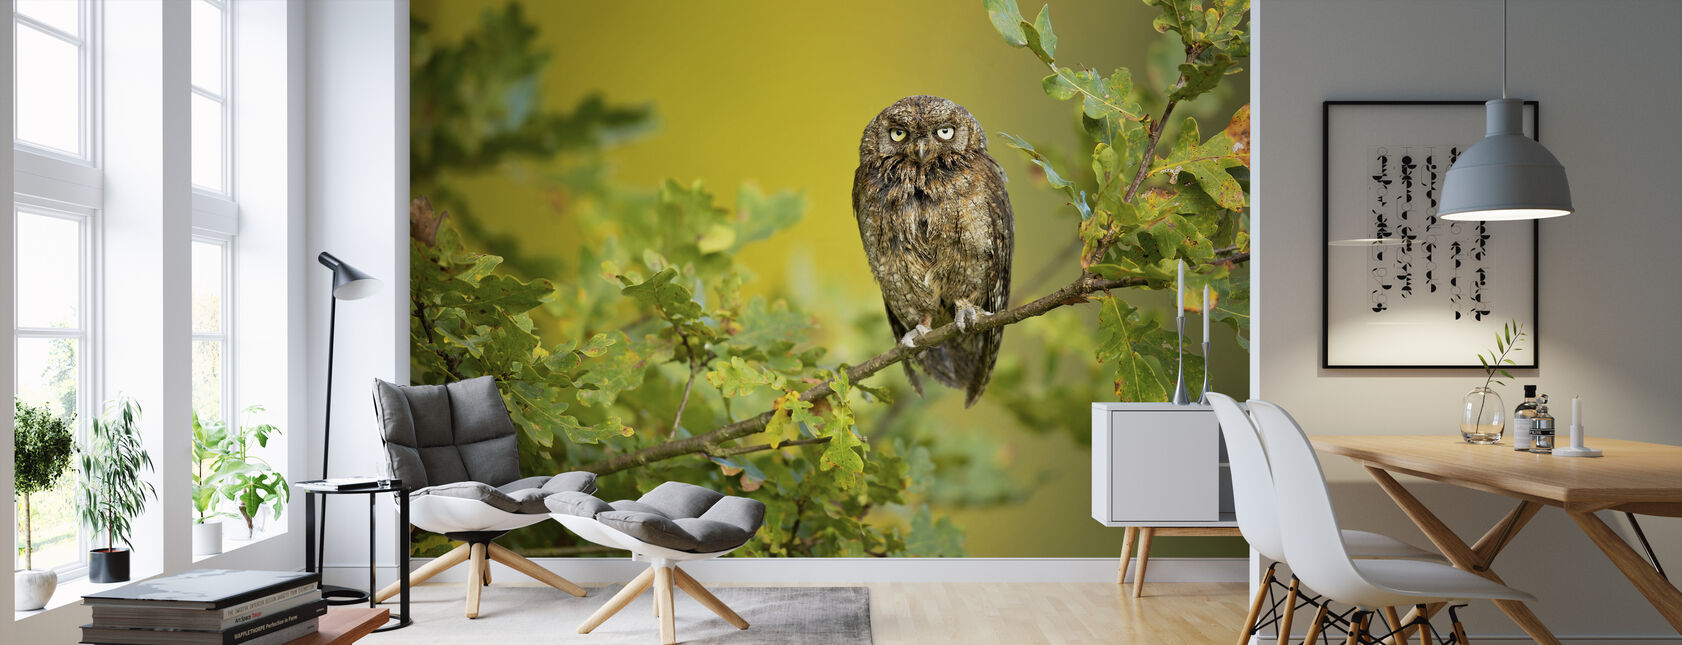 Eurasian Scops Owl - Wallpaper - Living Room